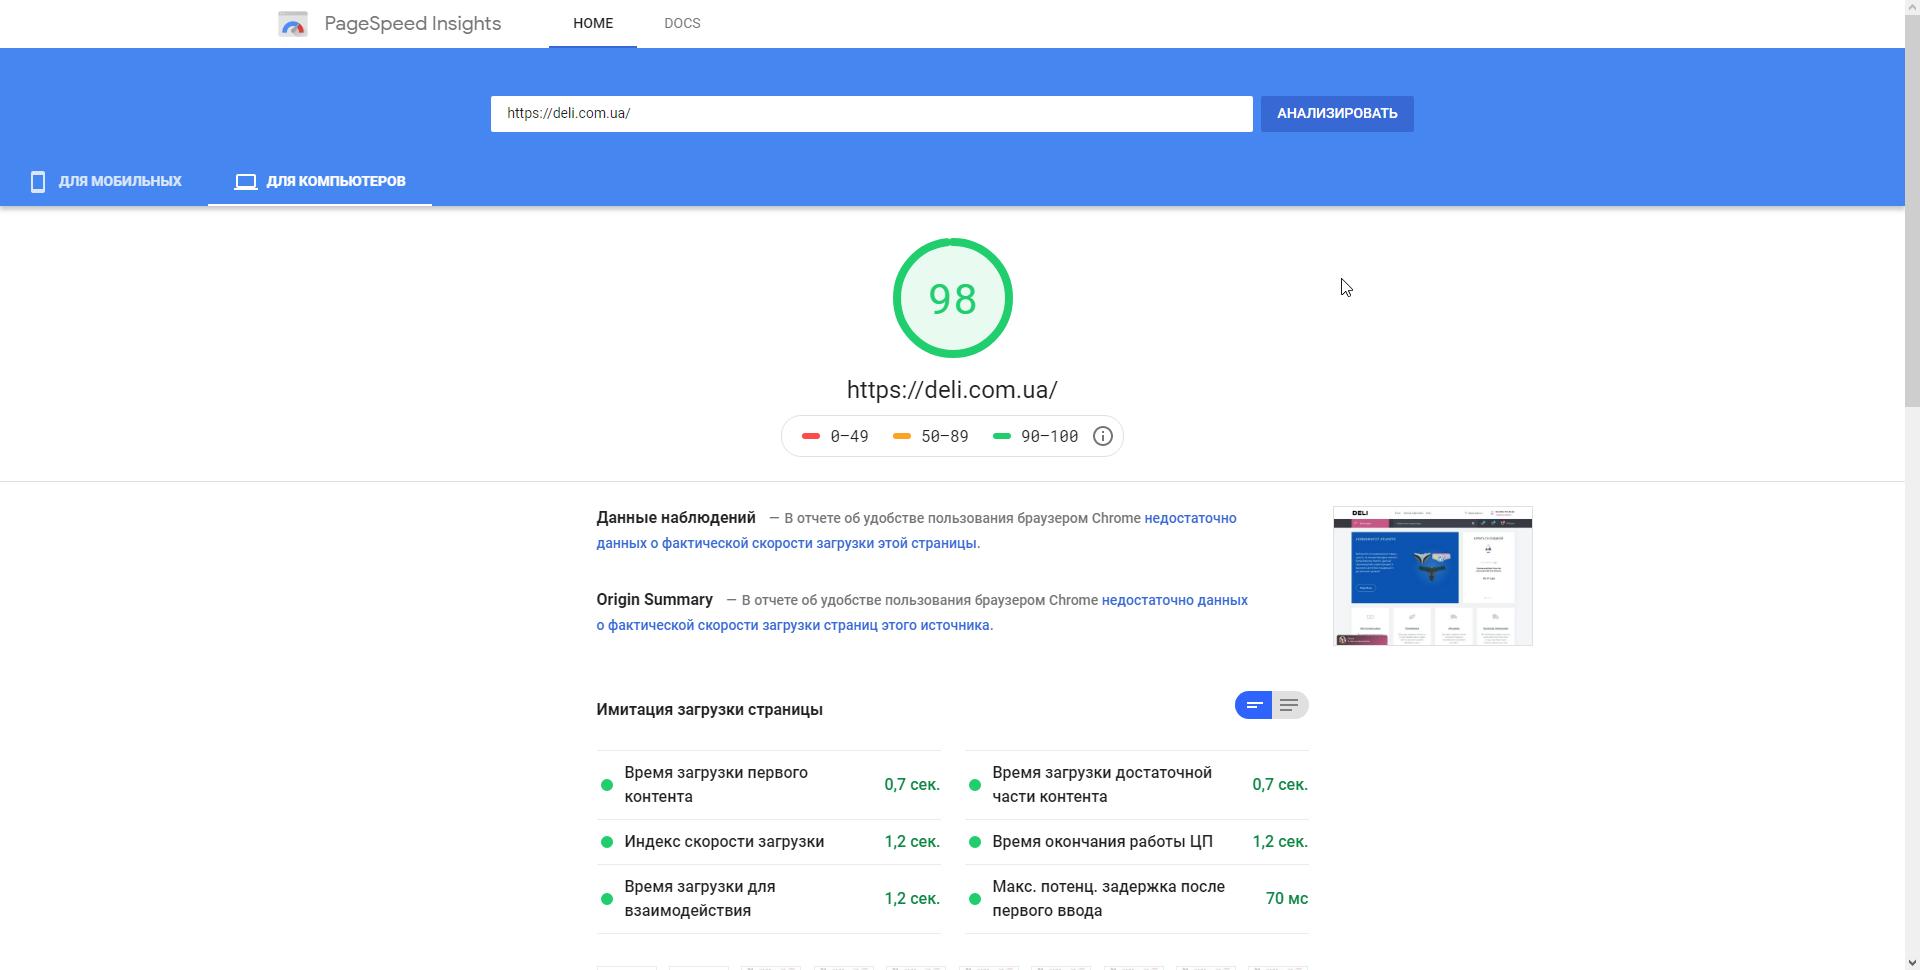 Фото Проведена глобальная работа по оптимизации скорости работы сайта на 200 тыс товаров: 1. Оптимизирован и сжат код. 2. Прописаны индексы в бд. 3. Настройка веб сервера nginx. 4. Оптимизация изображений на сервером уровне (по стандартам Google) 5. Кэширование запросов и страниц.